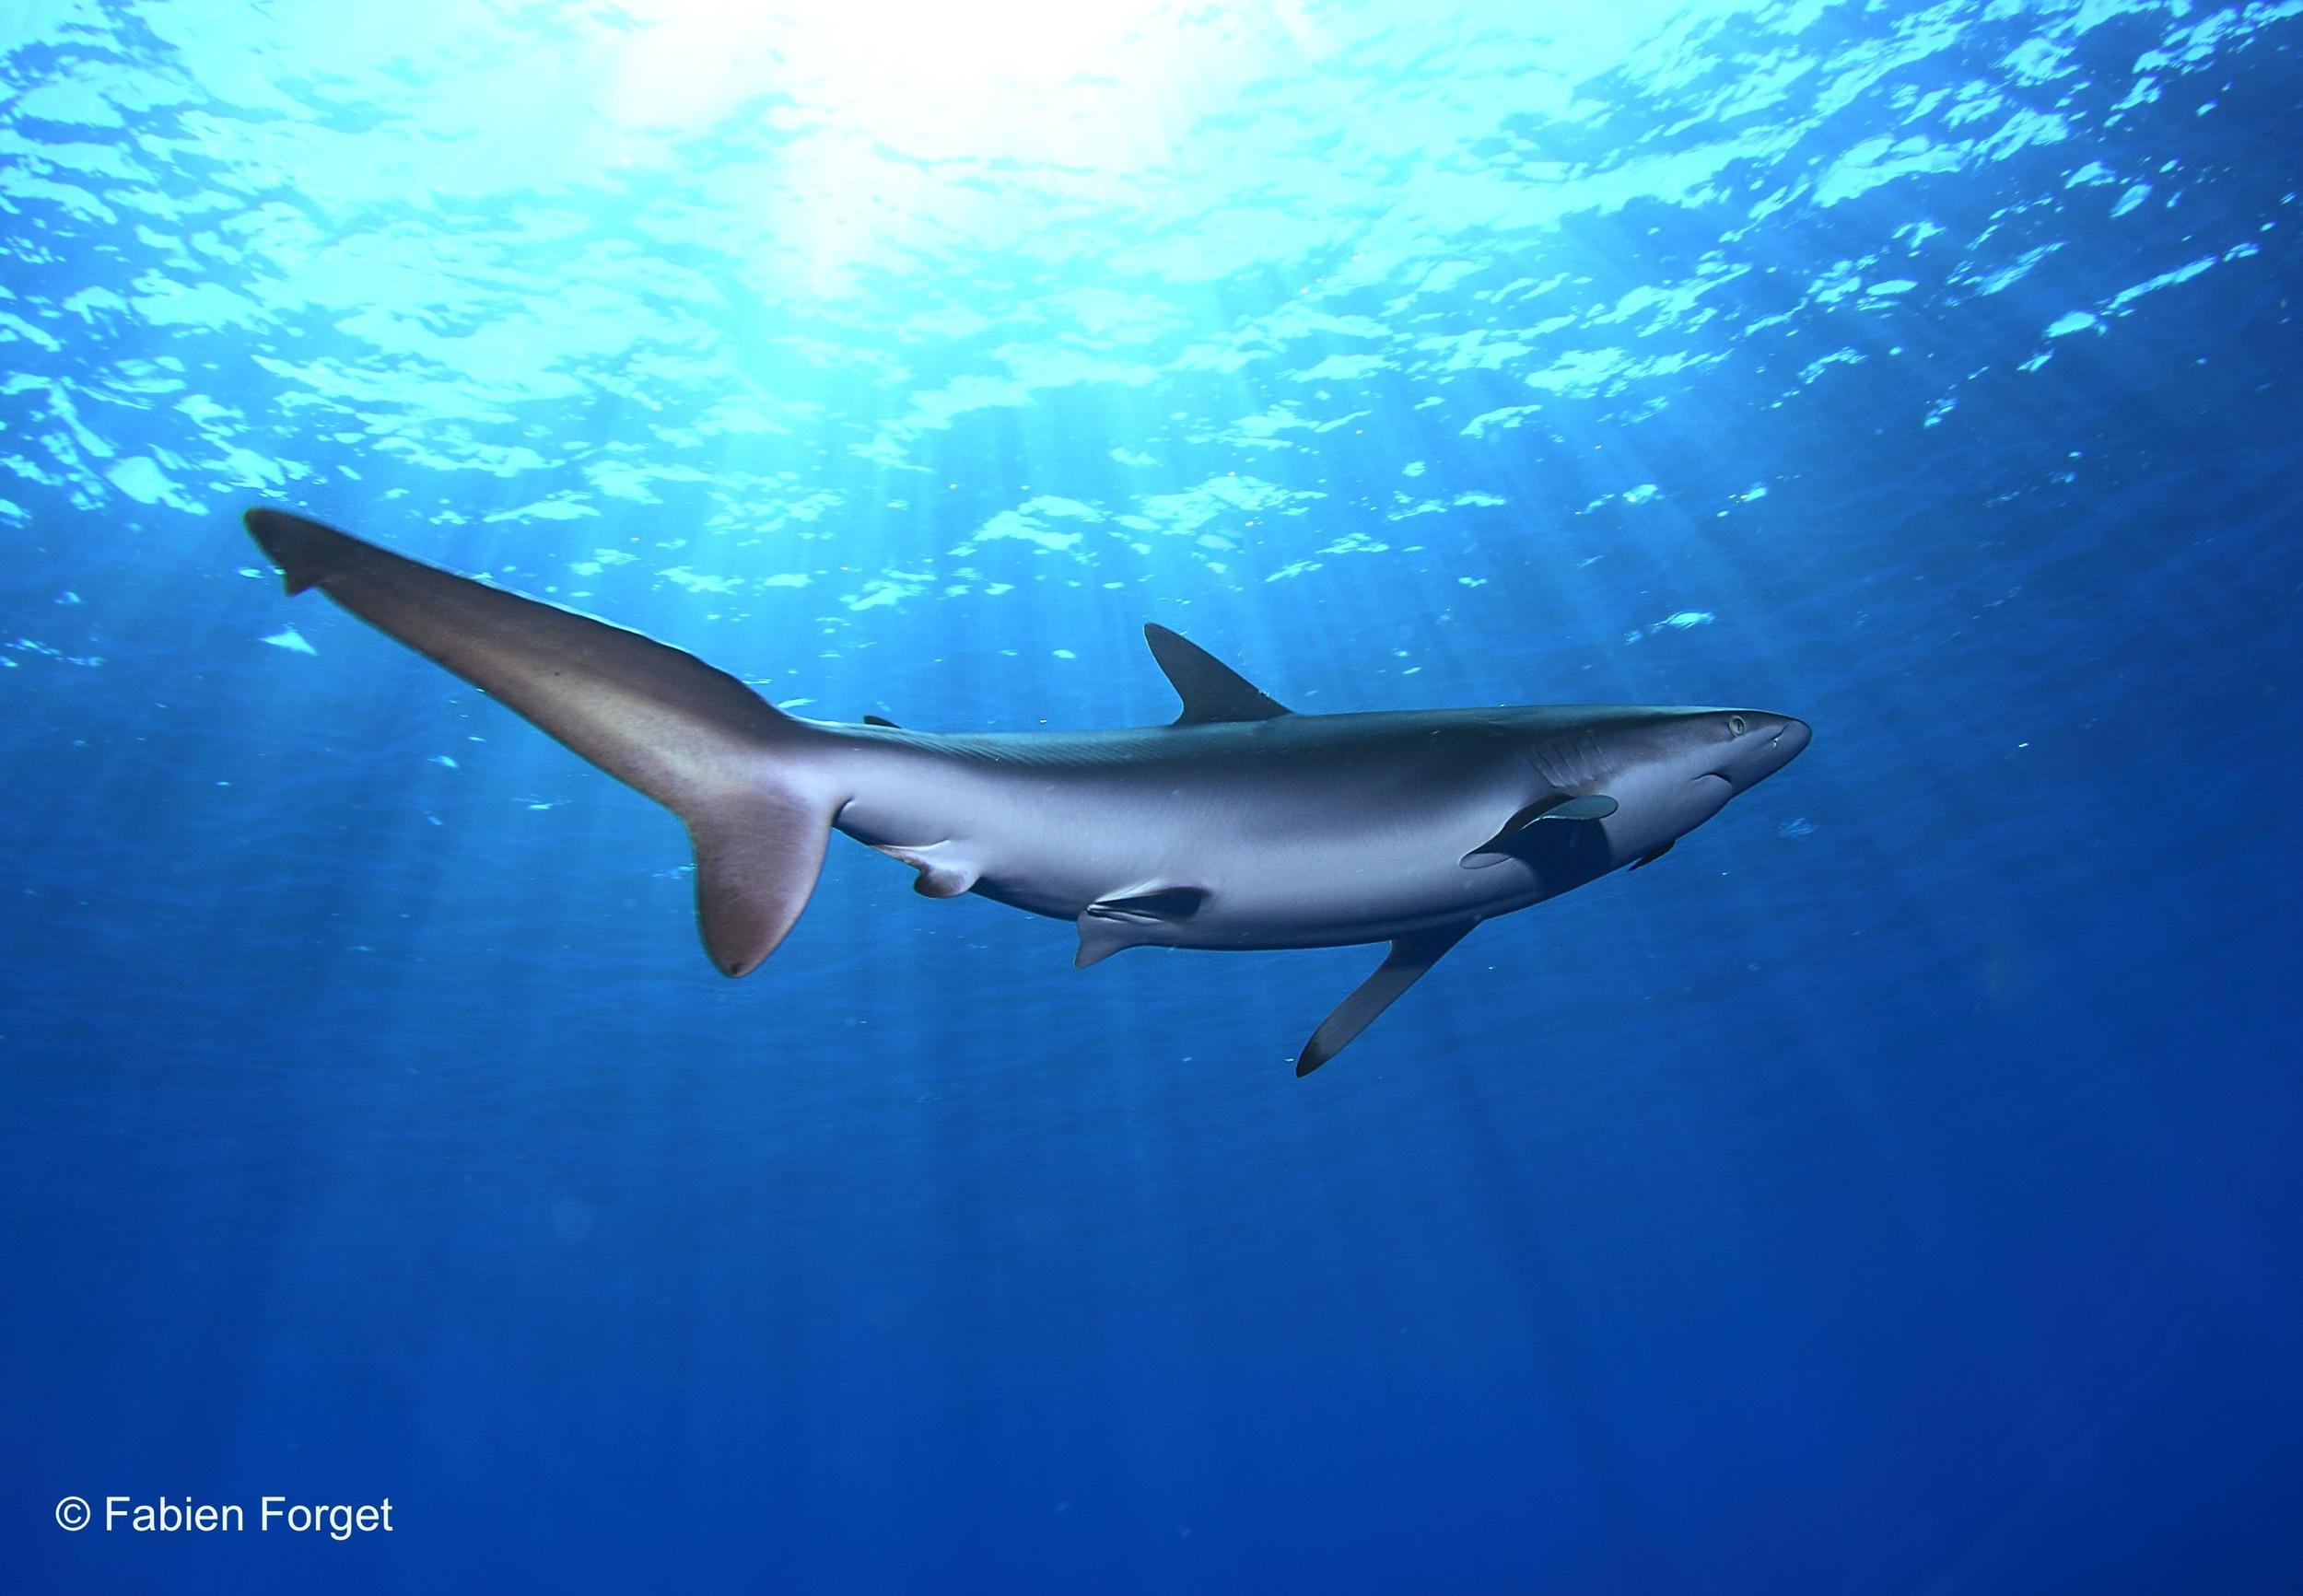 Pelagic Thresher Shark (Fabian Forget, ISSF)